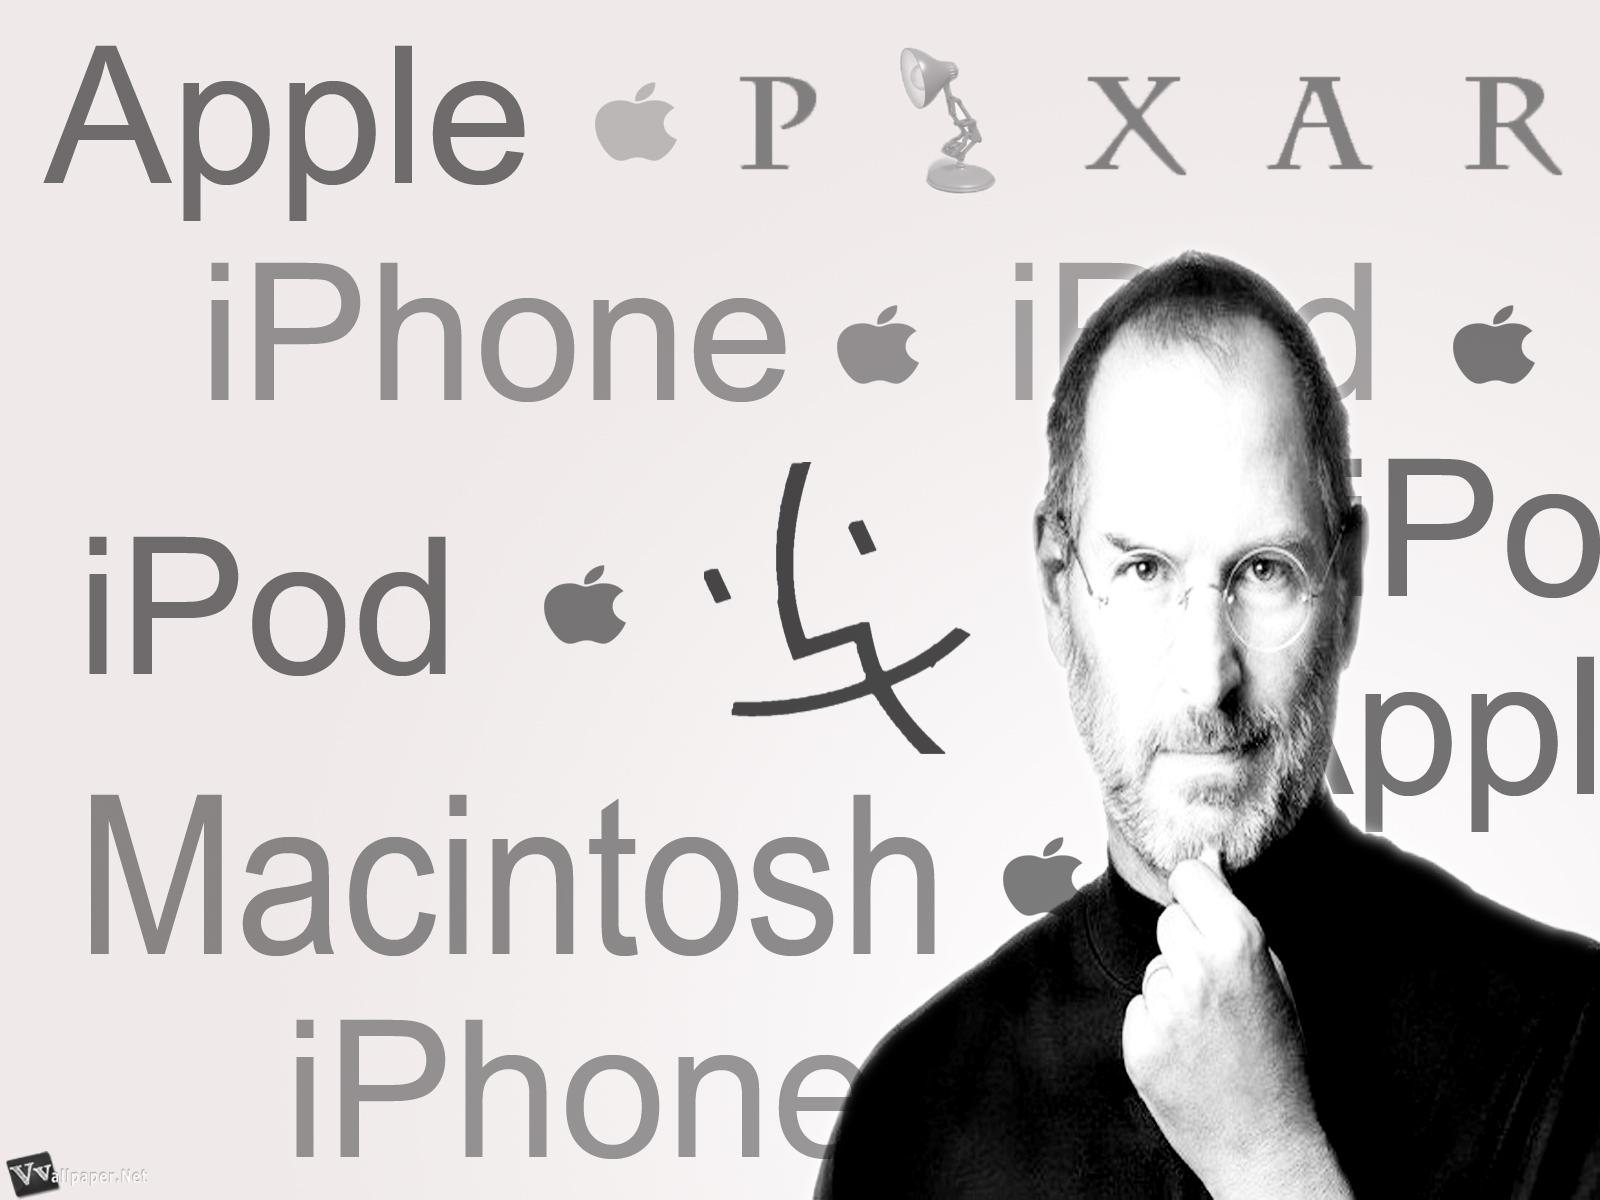 Steve Jobs All Brands Hd Wallpaper - Steve Jobs Brands - HD Wallpaper